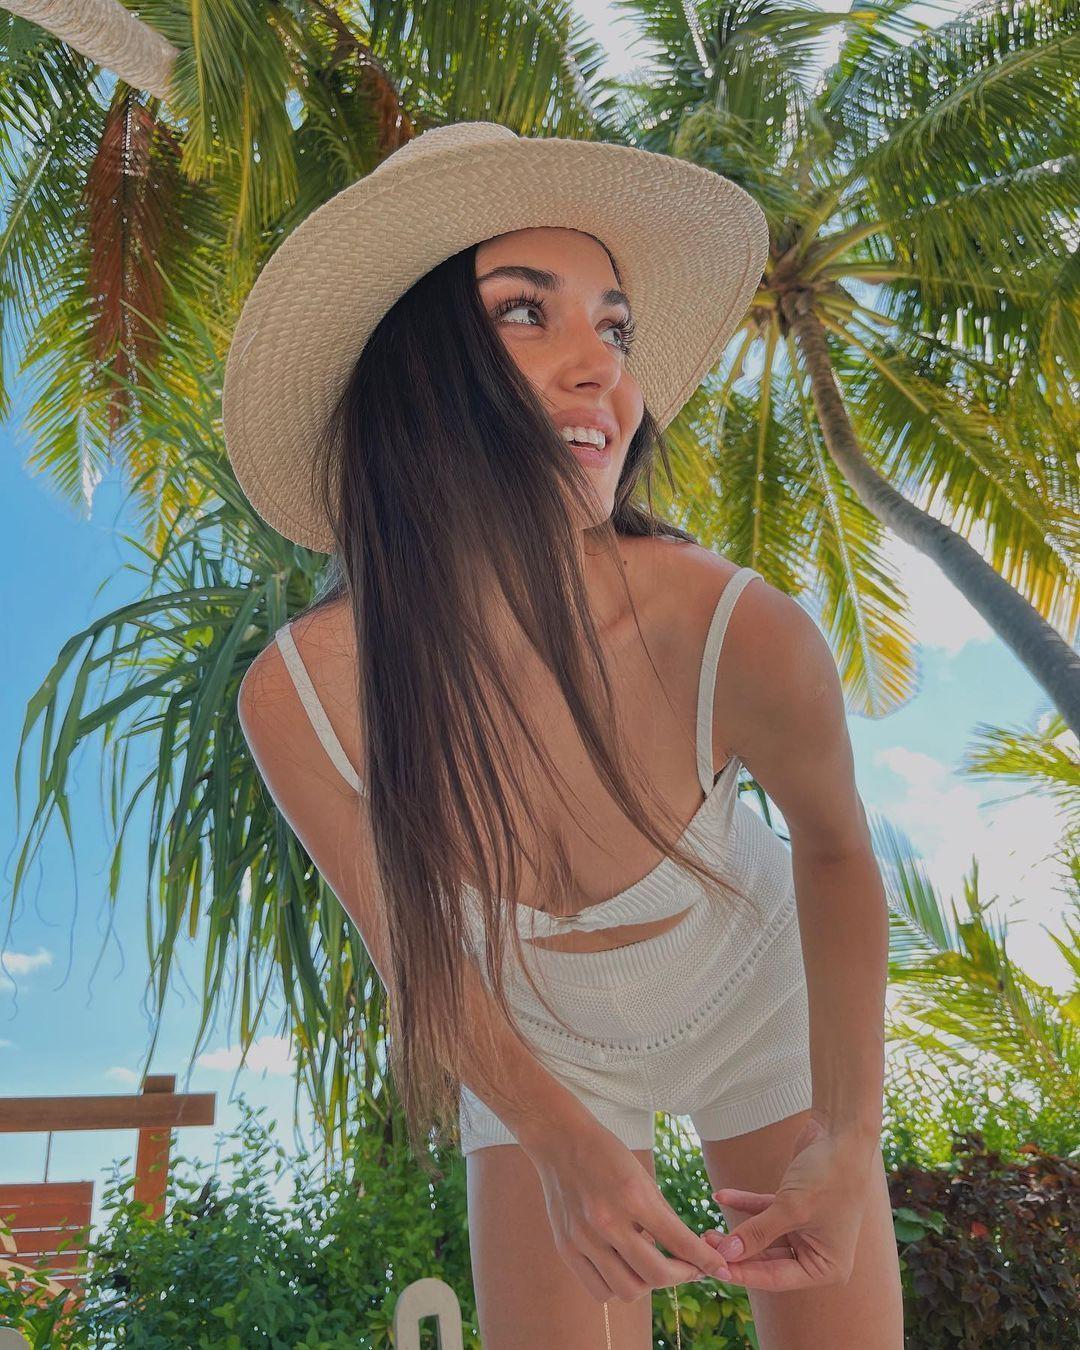 Hande Erçel bikinili pozlarıyla büyüledi! 1 milyondan fazla beğeni aldı... - Sayfa 2